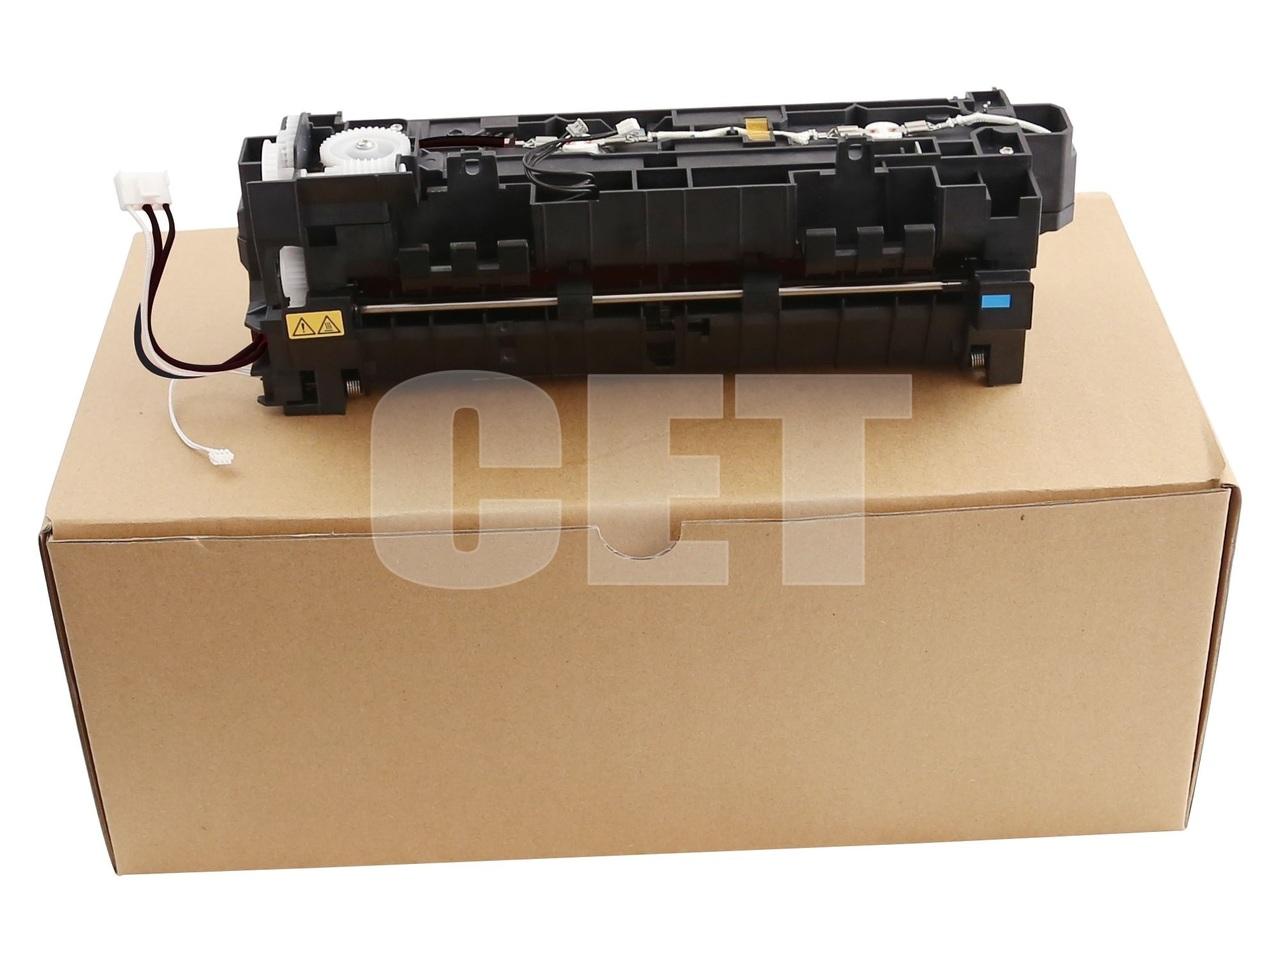 Фьюзер (печка) в сборе FK-3170(E) для KYOCERA ECOSYSP3045dn (CET), CET7524